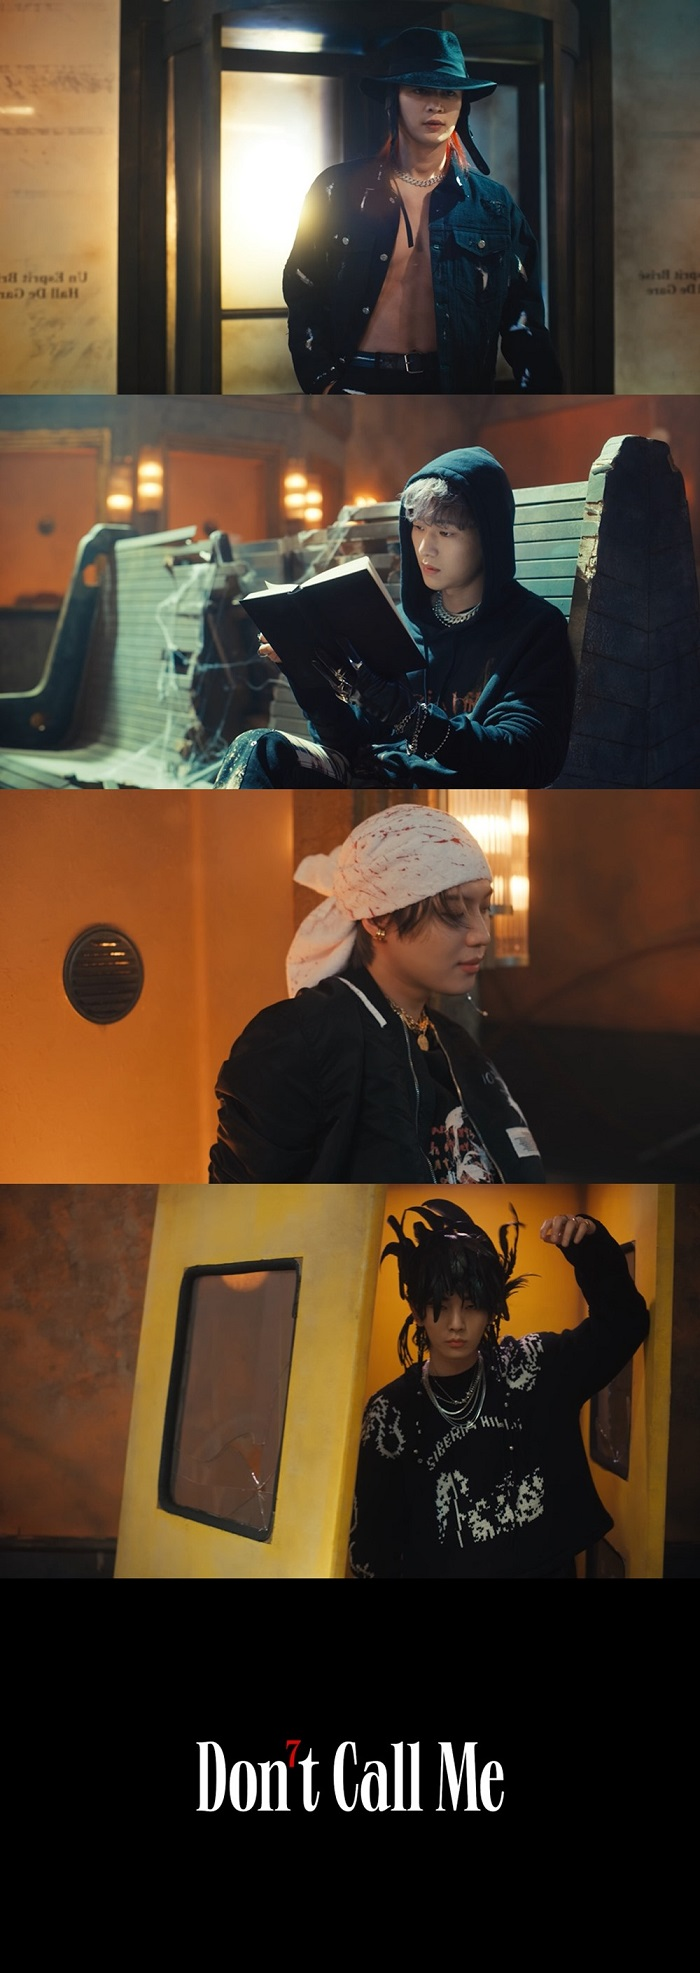 [ภาพแคปเจอร์] มิวสิกวิดีโอเพลงเปิดตัว 'Don't Call Me' จากอัลบั้มเต็มชุดที่ 7 ของ SHINee